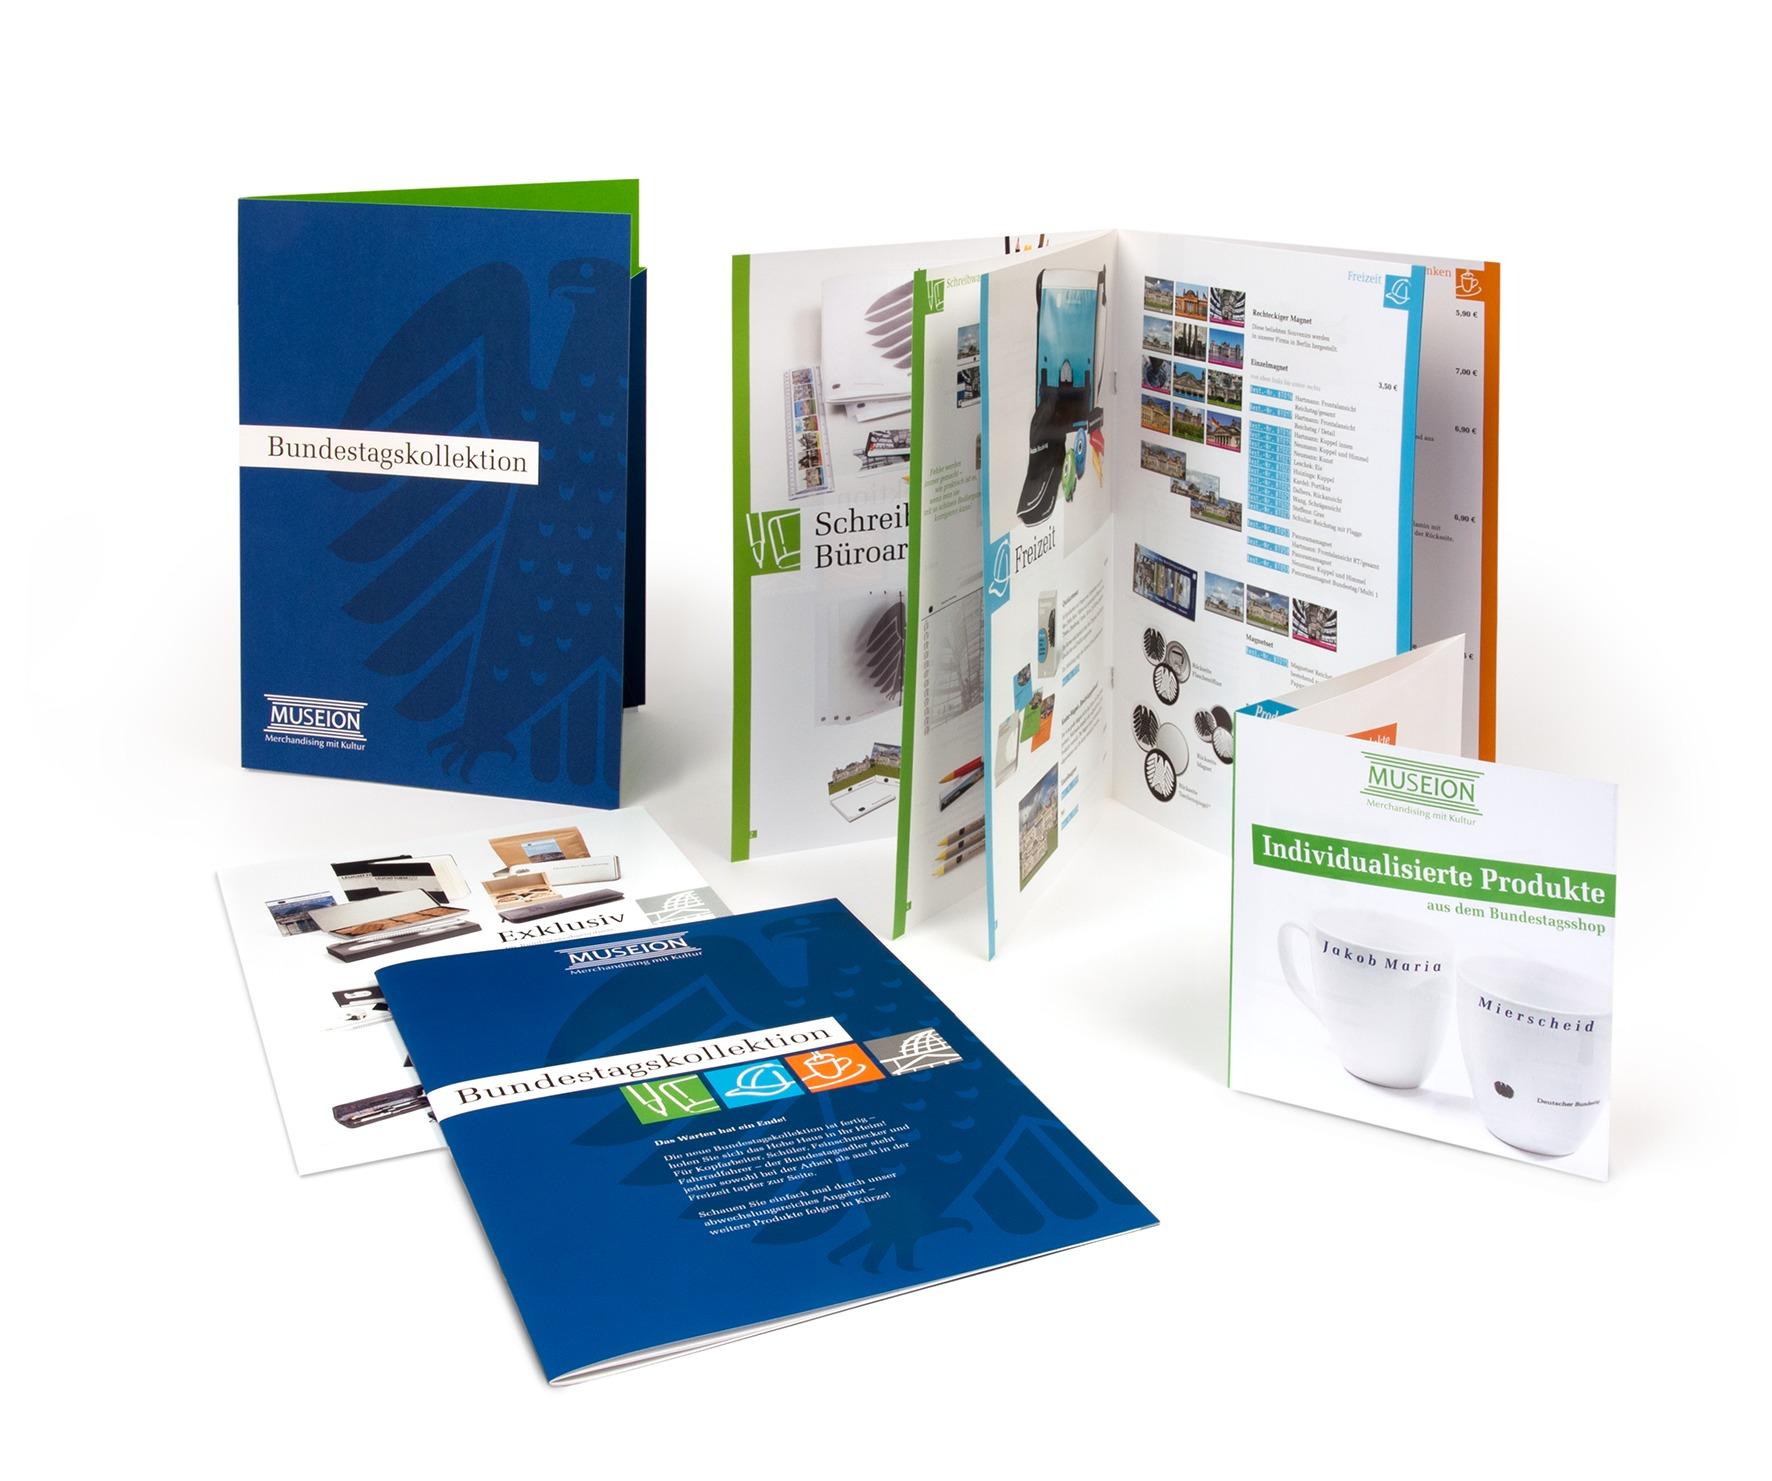 Produktkatalog Bundestagskollektion, Design Mappe, Titel- und Innenseiten - Typoly